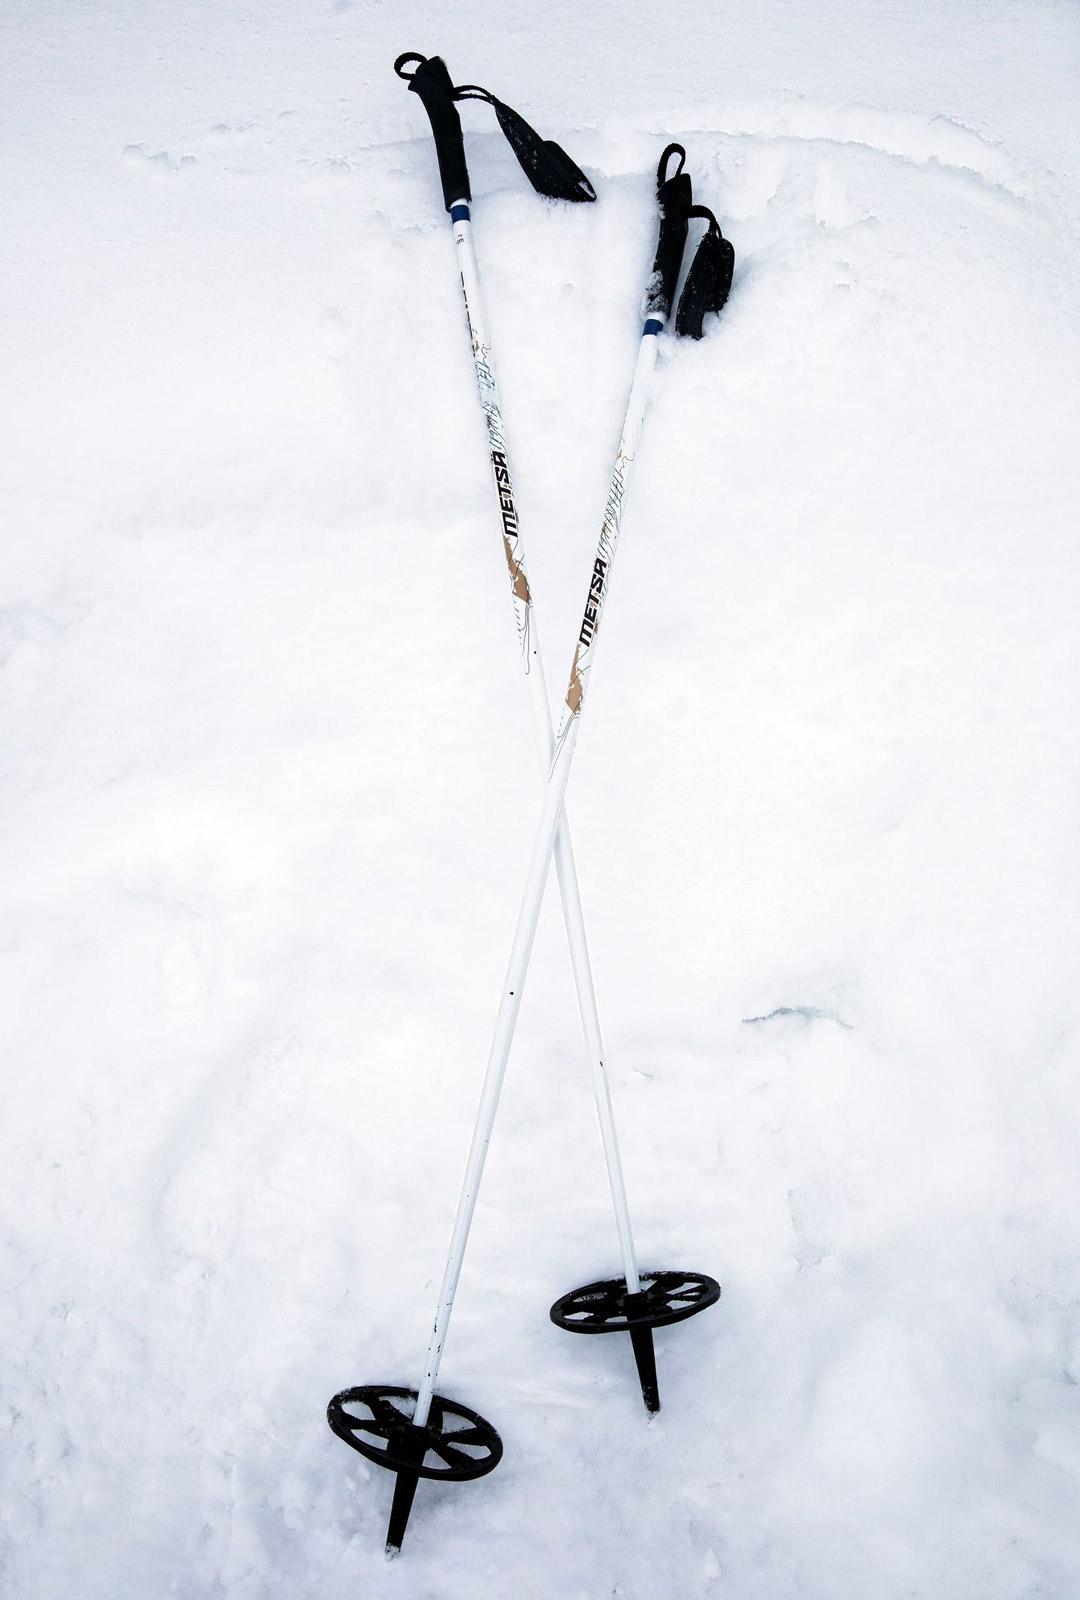 Lumikenkien lisäksi tarvitaan suurisompaiset sauvat. Kävelysauvat tai murtomaahiihtosauvat uppoavat liian syvälle.